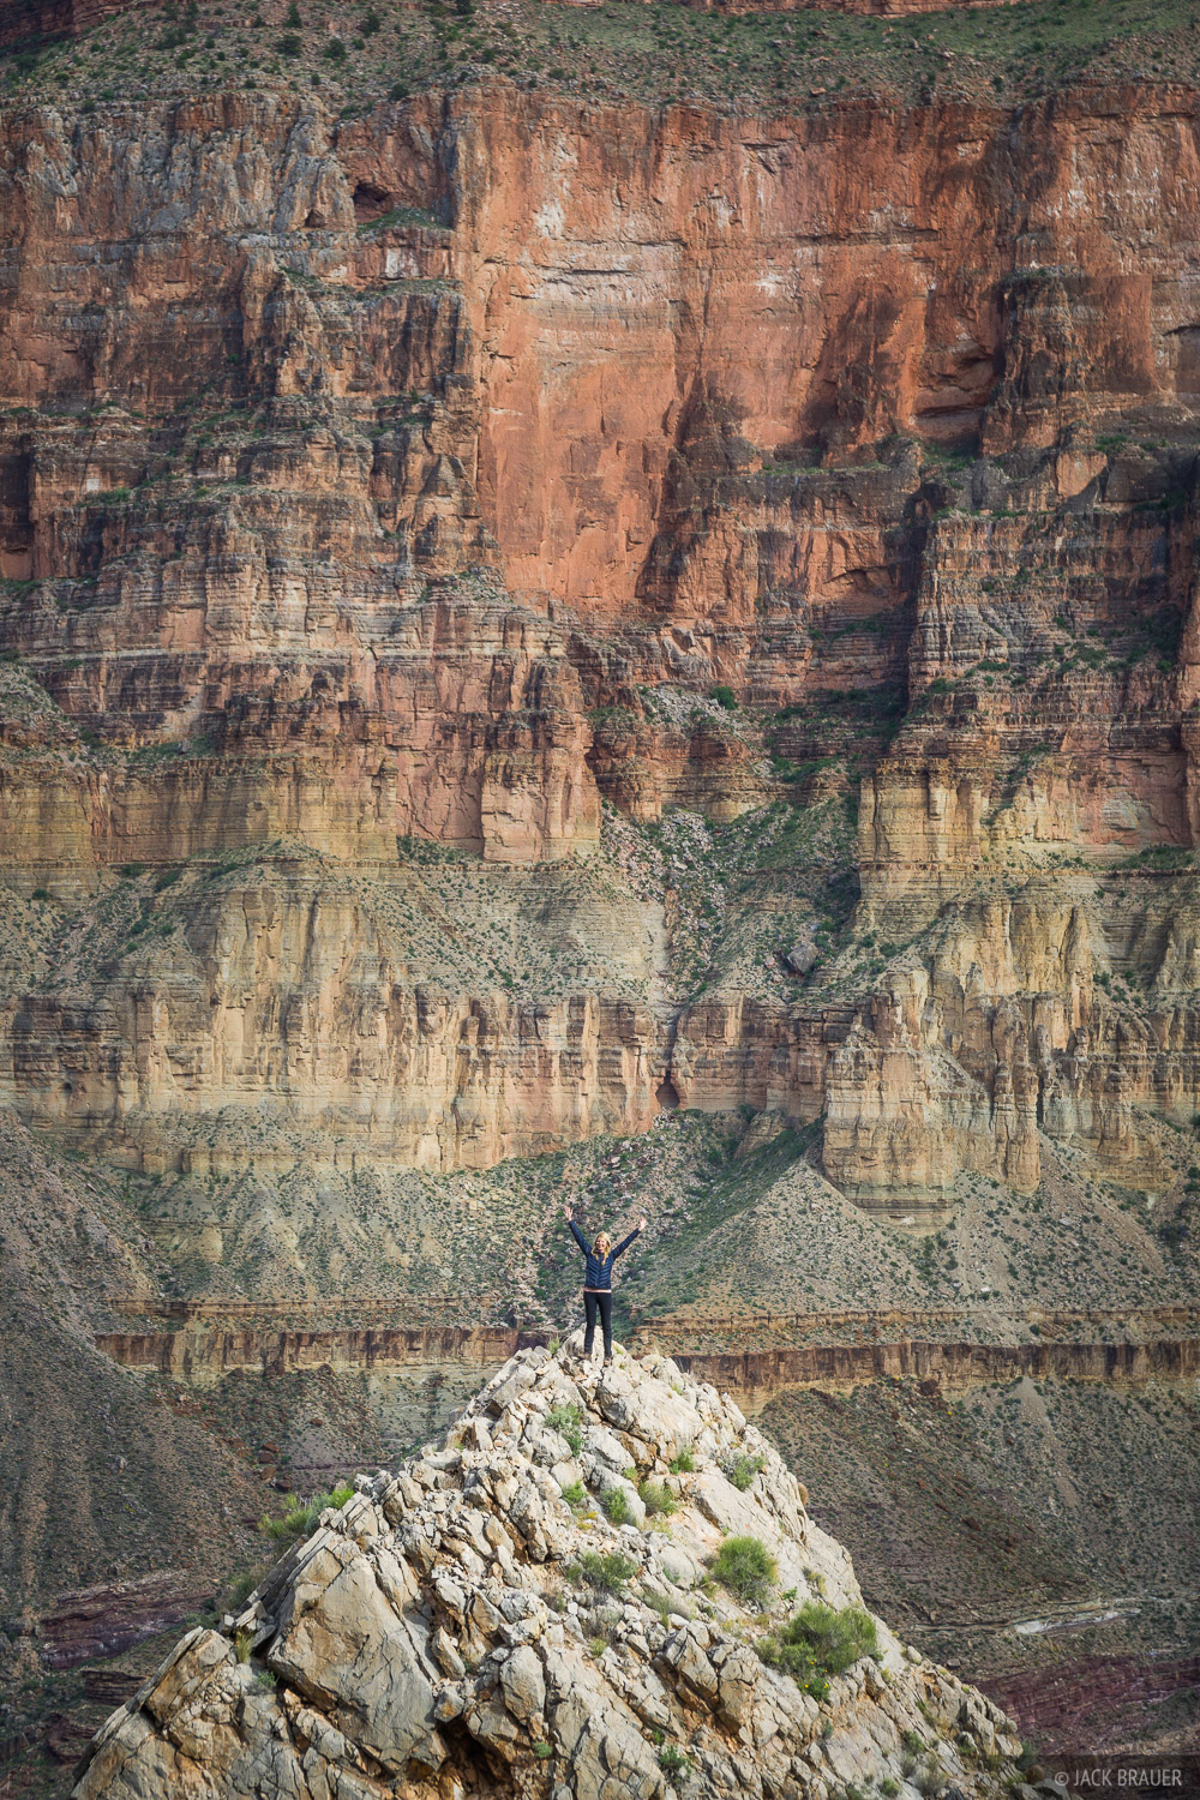 Arizona, Grand Canyon, hiking, photo